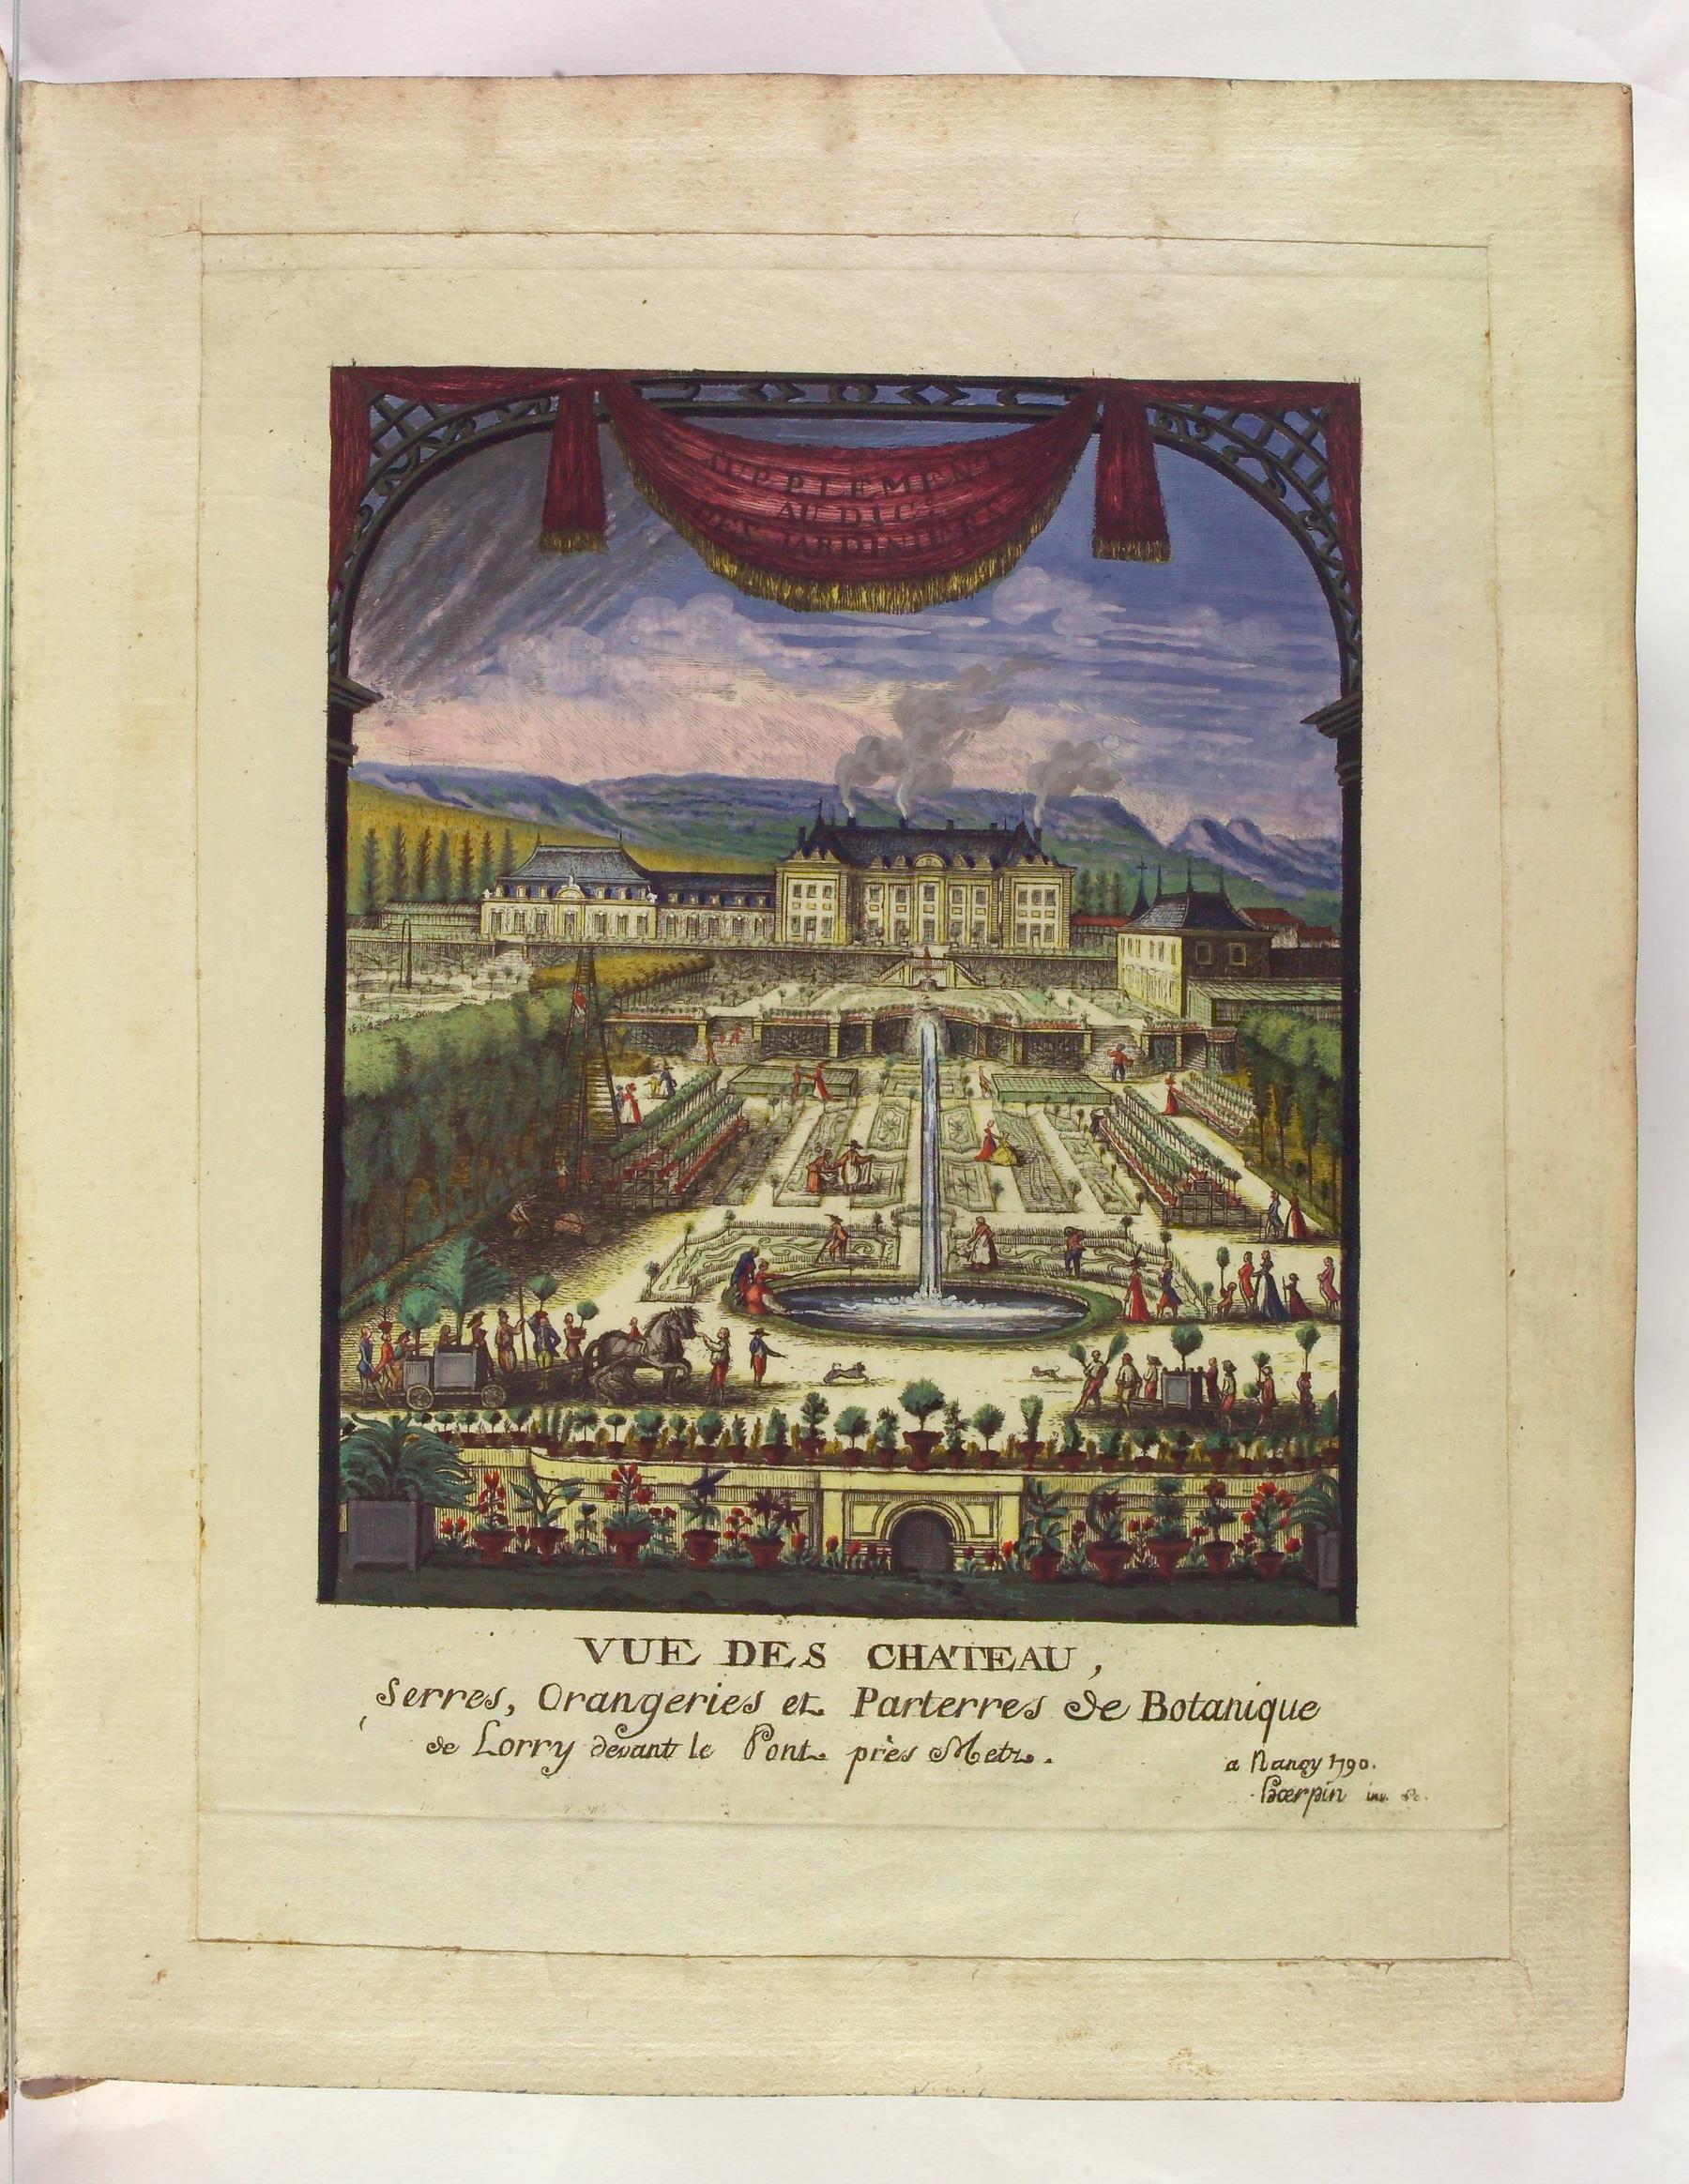 Contenu du Vue des château - Serres orangeries et parterres de botanique de Lorry devant les Pont près de Metz